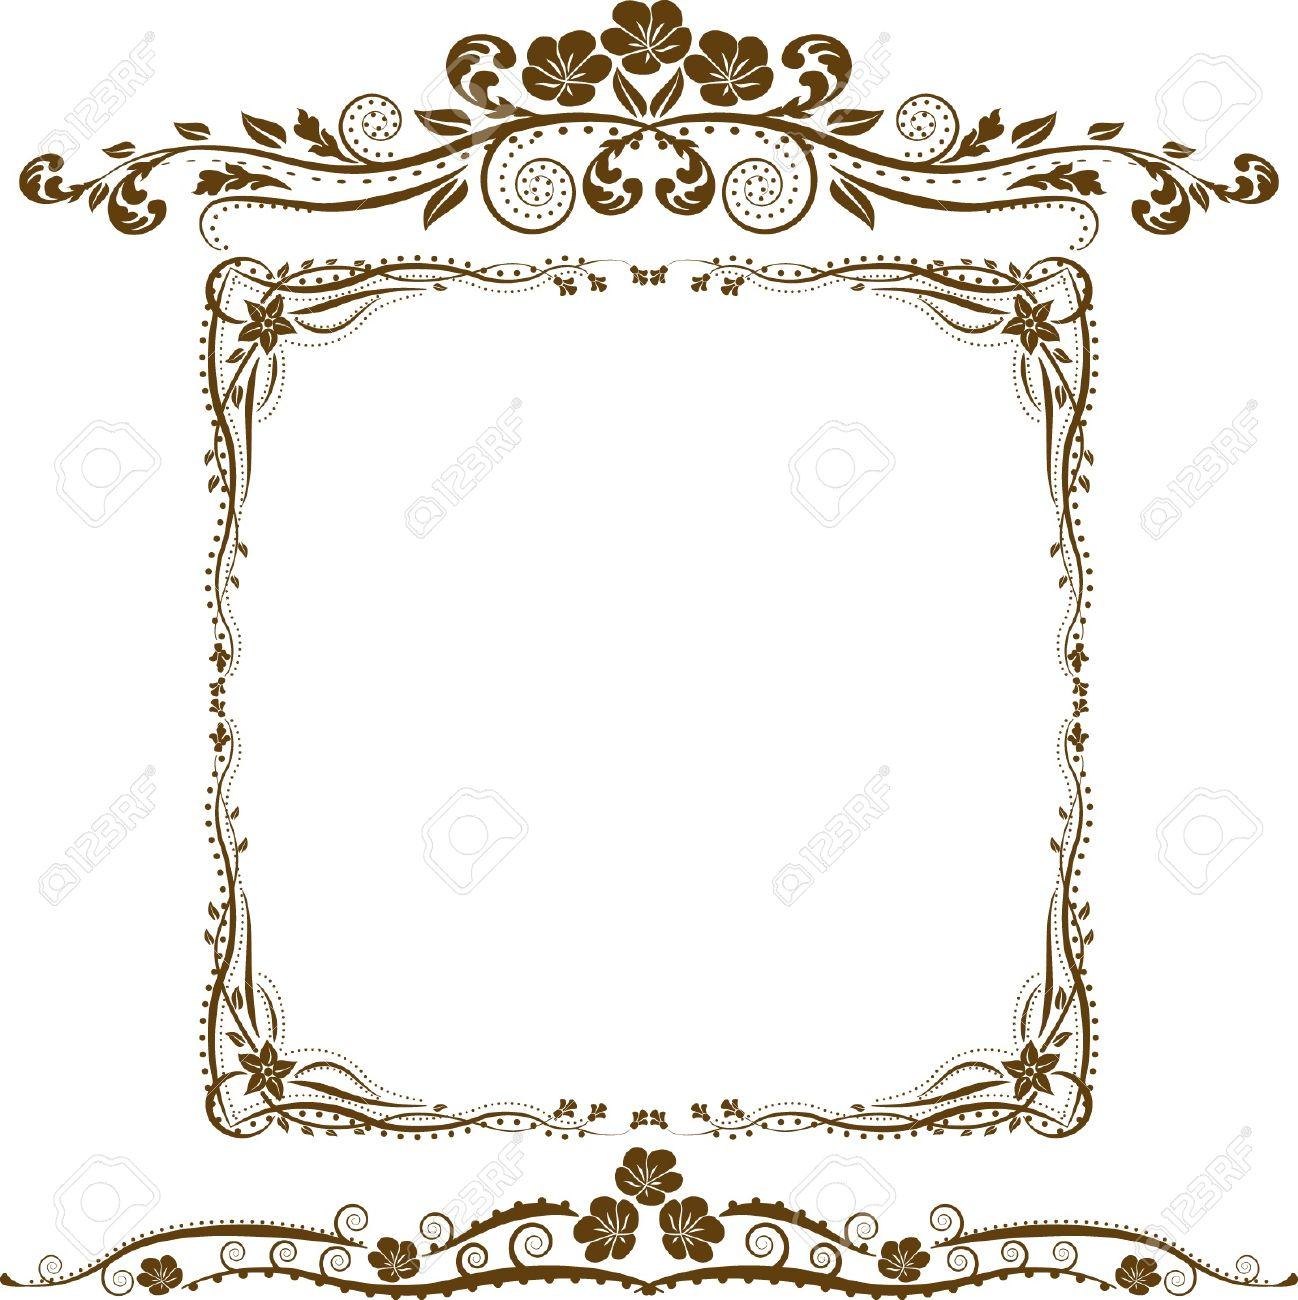 Bordure Decorative Et Ornements Clip Art Libres De Droits Vecteurs Et Illustration Image 11455243